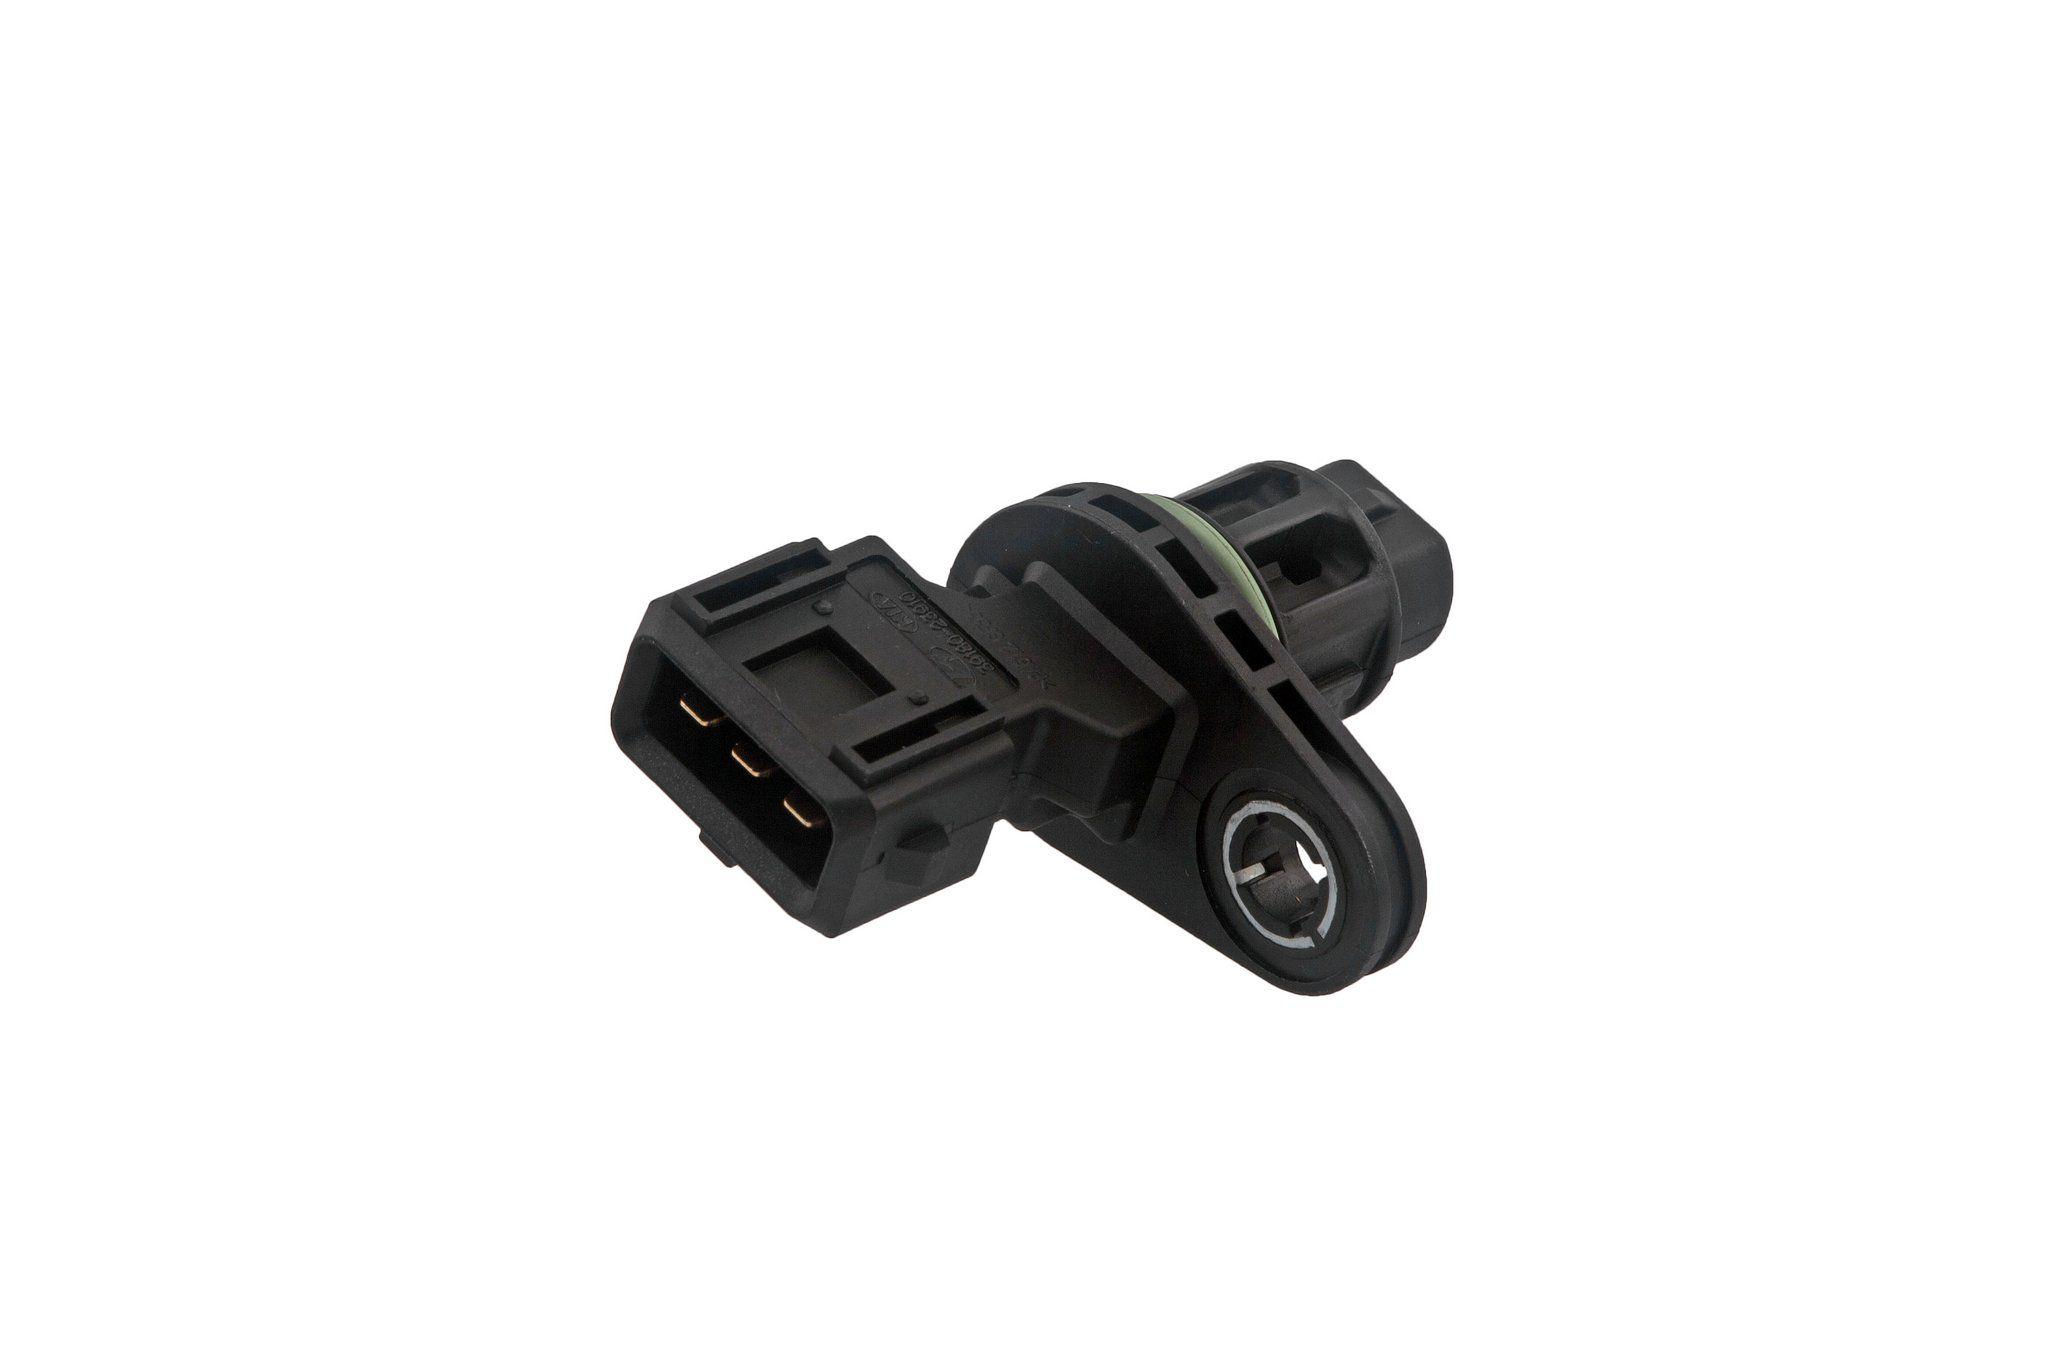 Kia Sportage Engine Crankshaft Position Sensor Replacement Auto 7 2009 Diagram 2005 4 Cyl 20l 041 0016